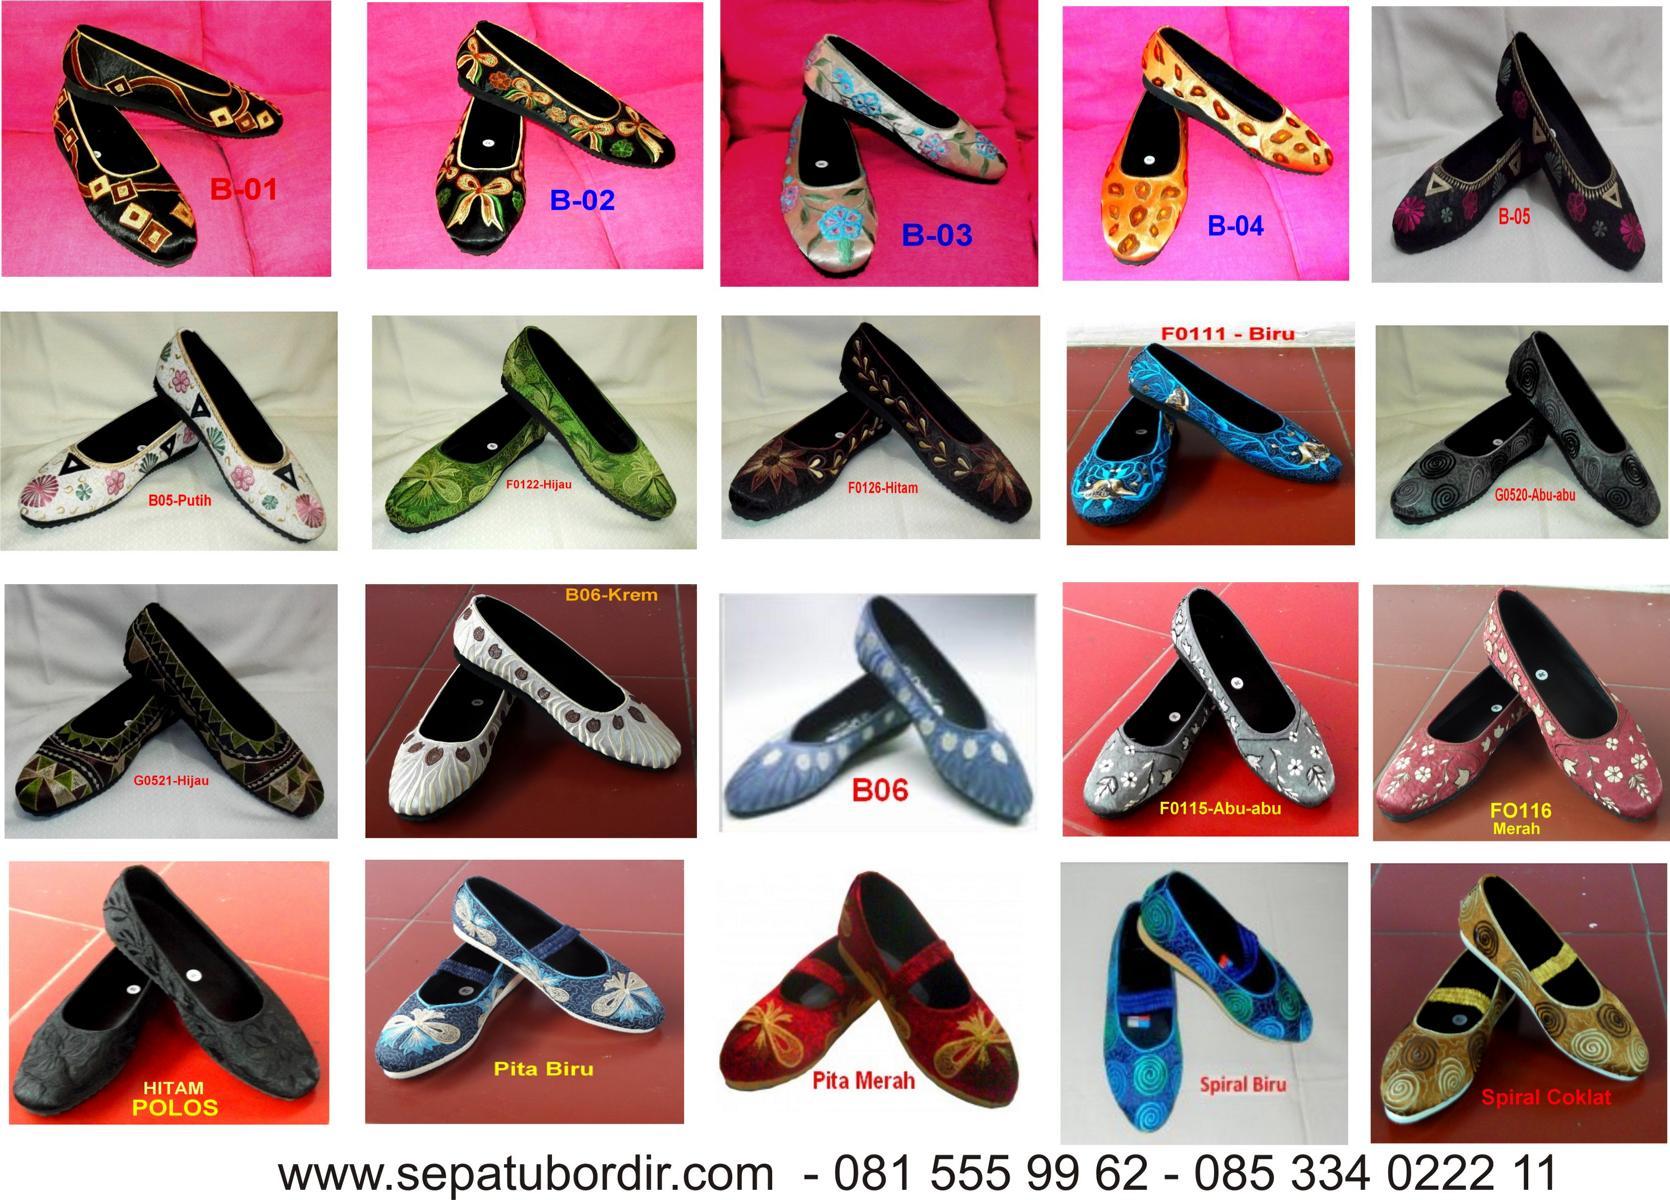 katalog-sepatu-3.jpg